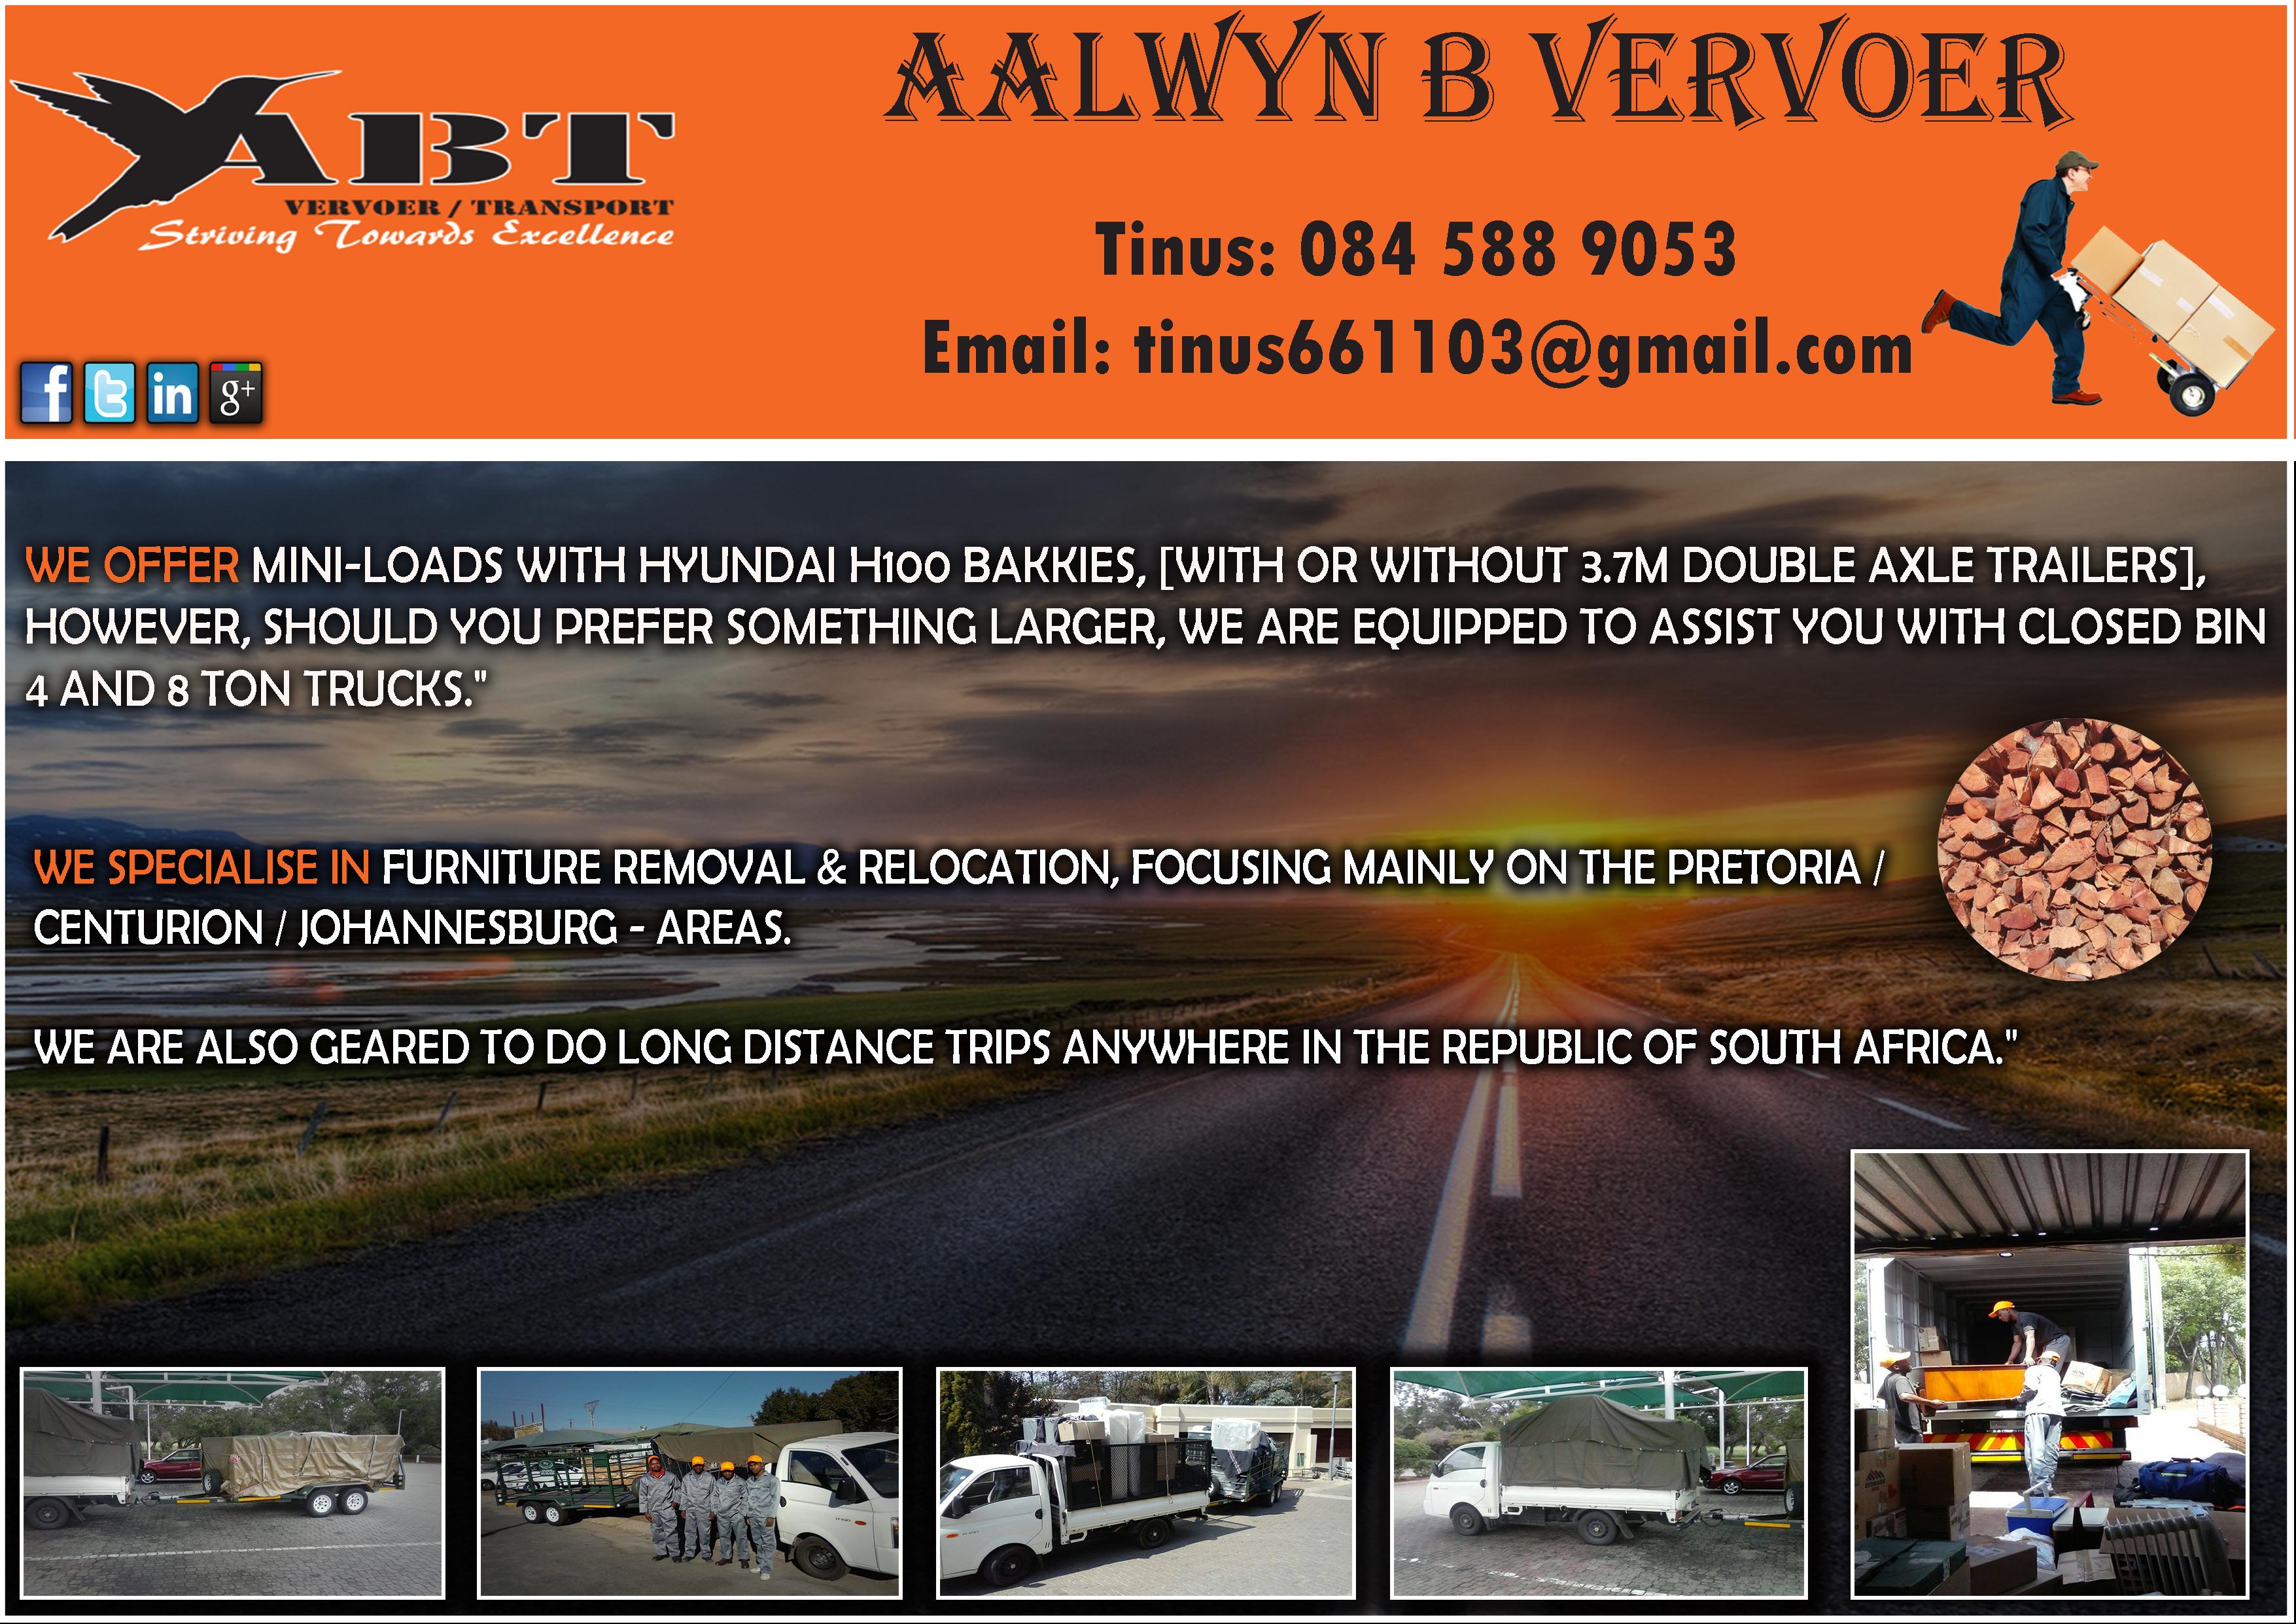 Aalwyn B Vervoer Abt Vervoer Ads Online Advertising